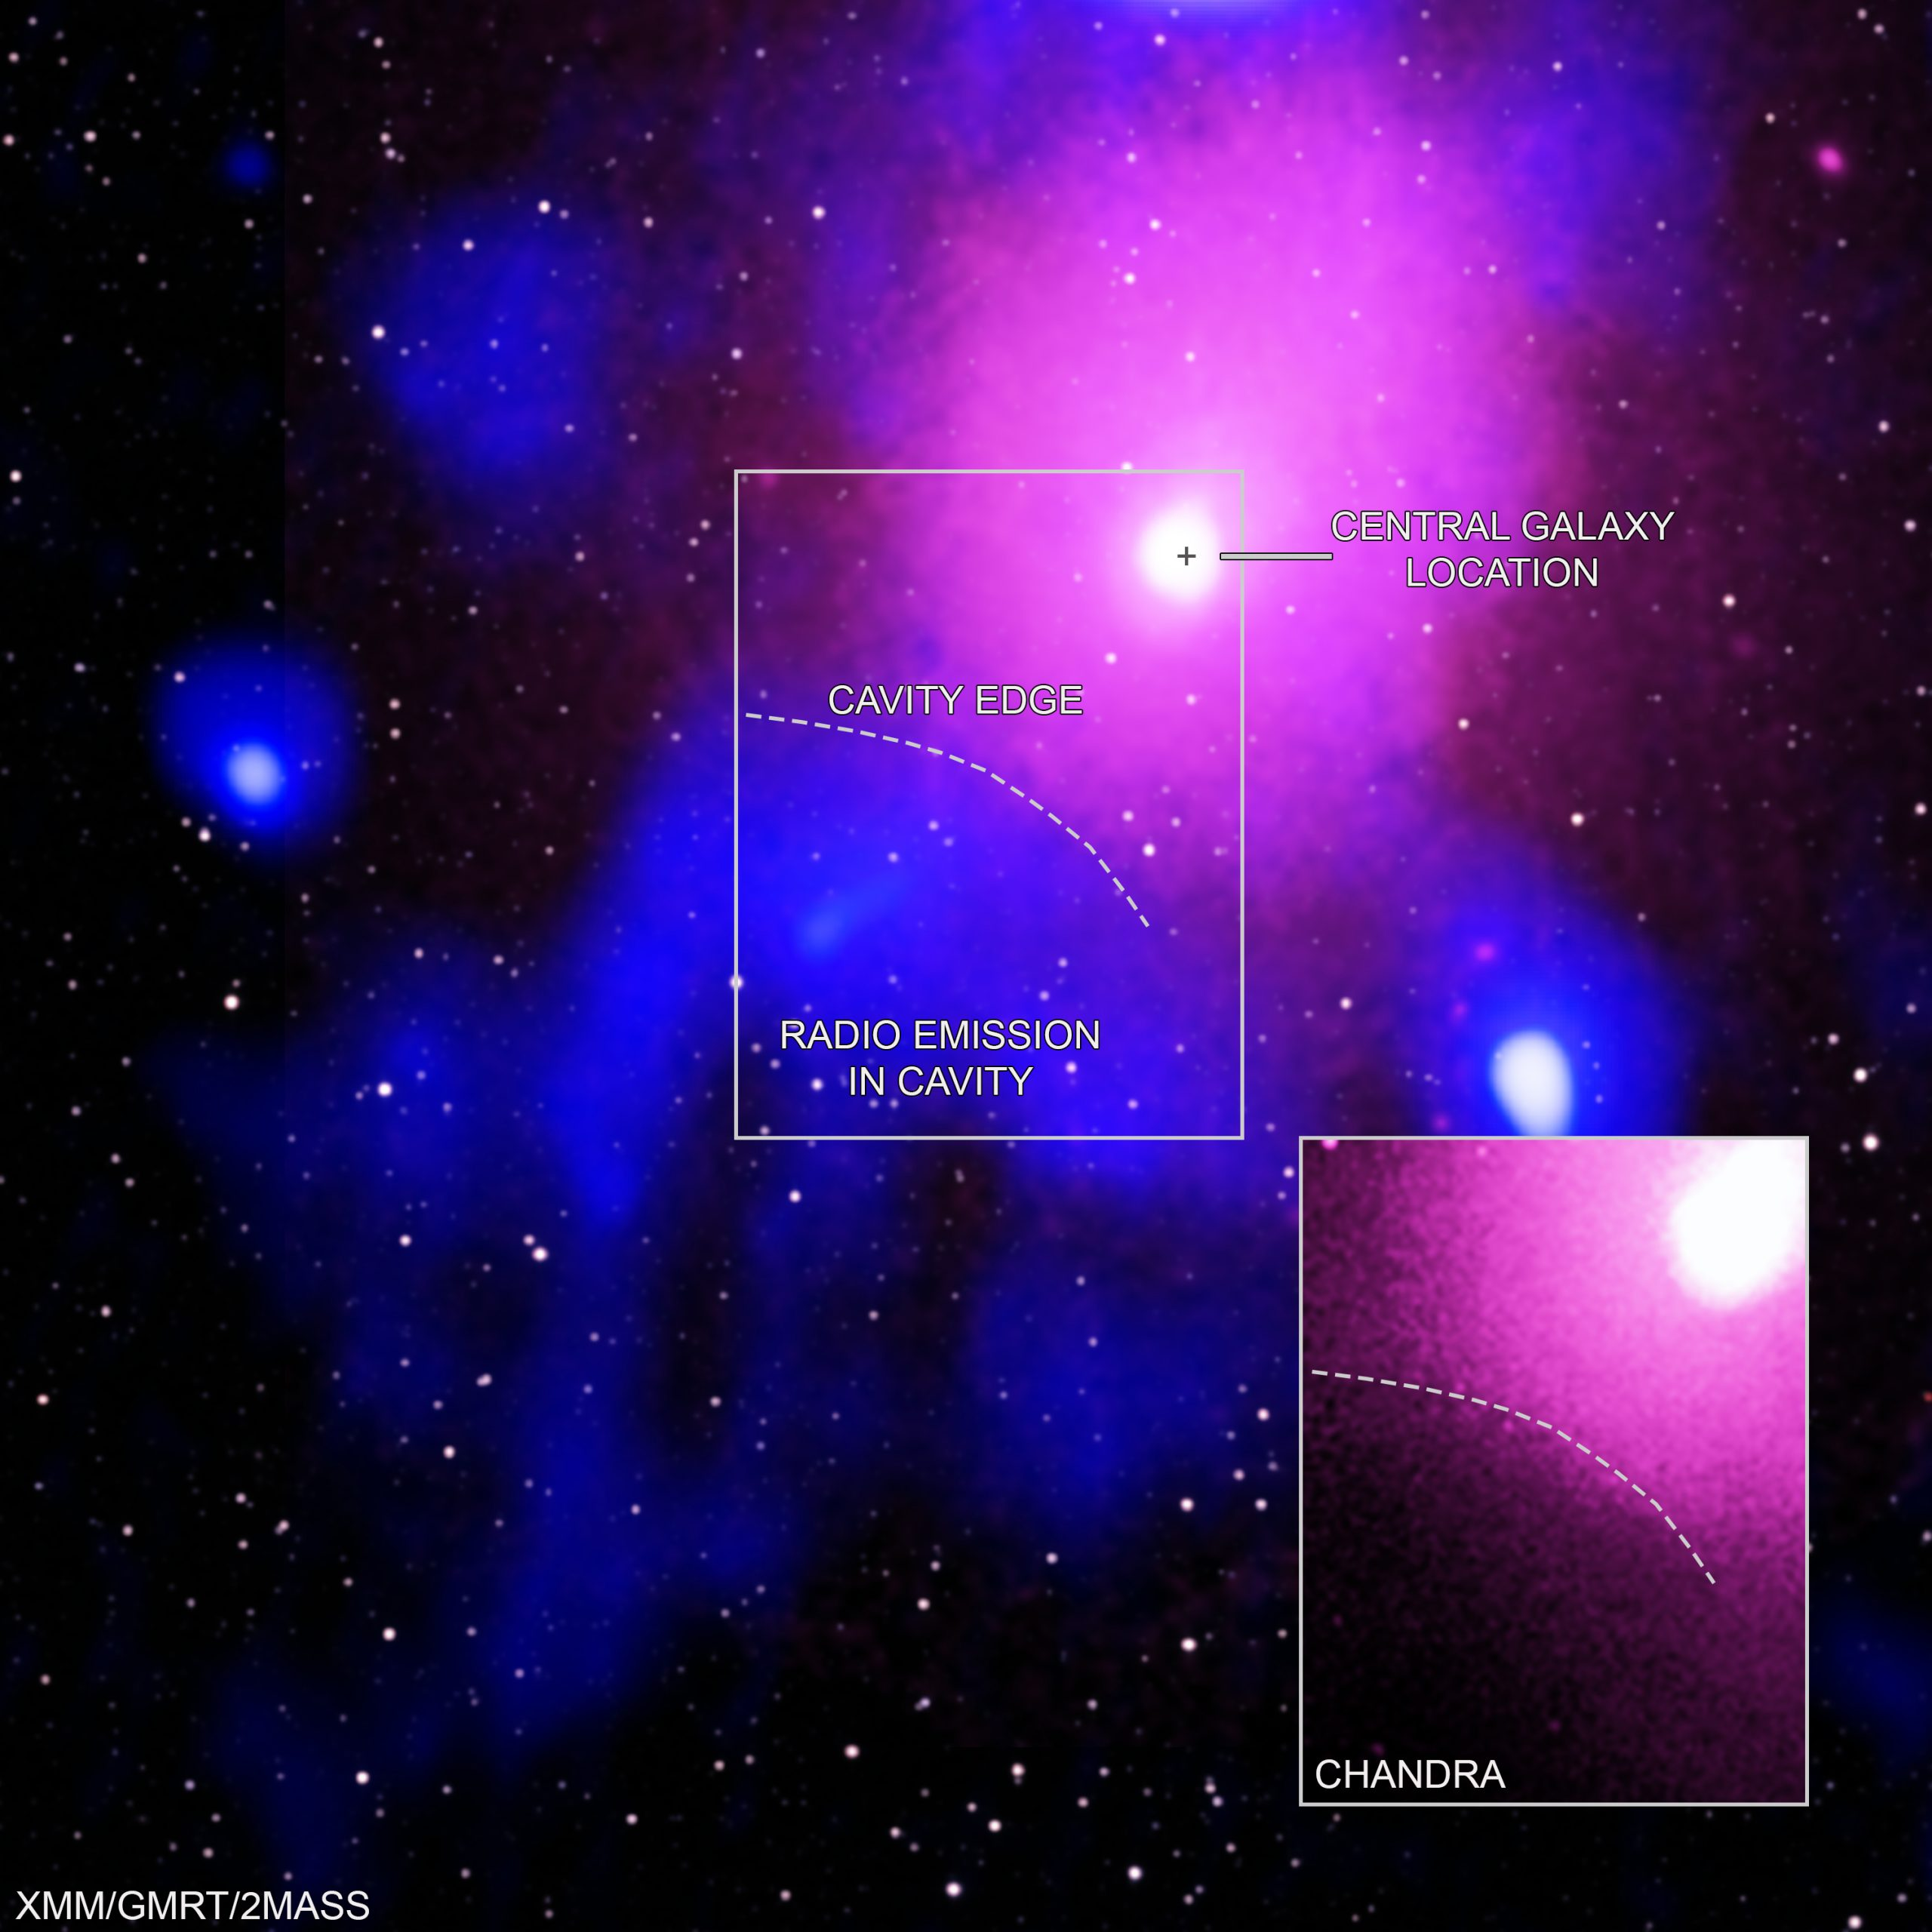 Klasteri galaksija u sazviježđu Zmijonosac. Izvor: Nasa.gov.